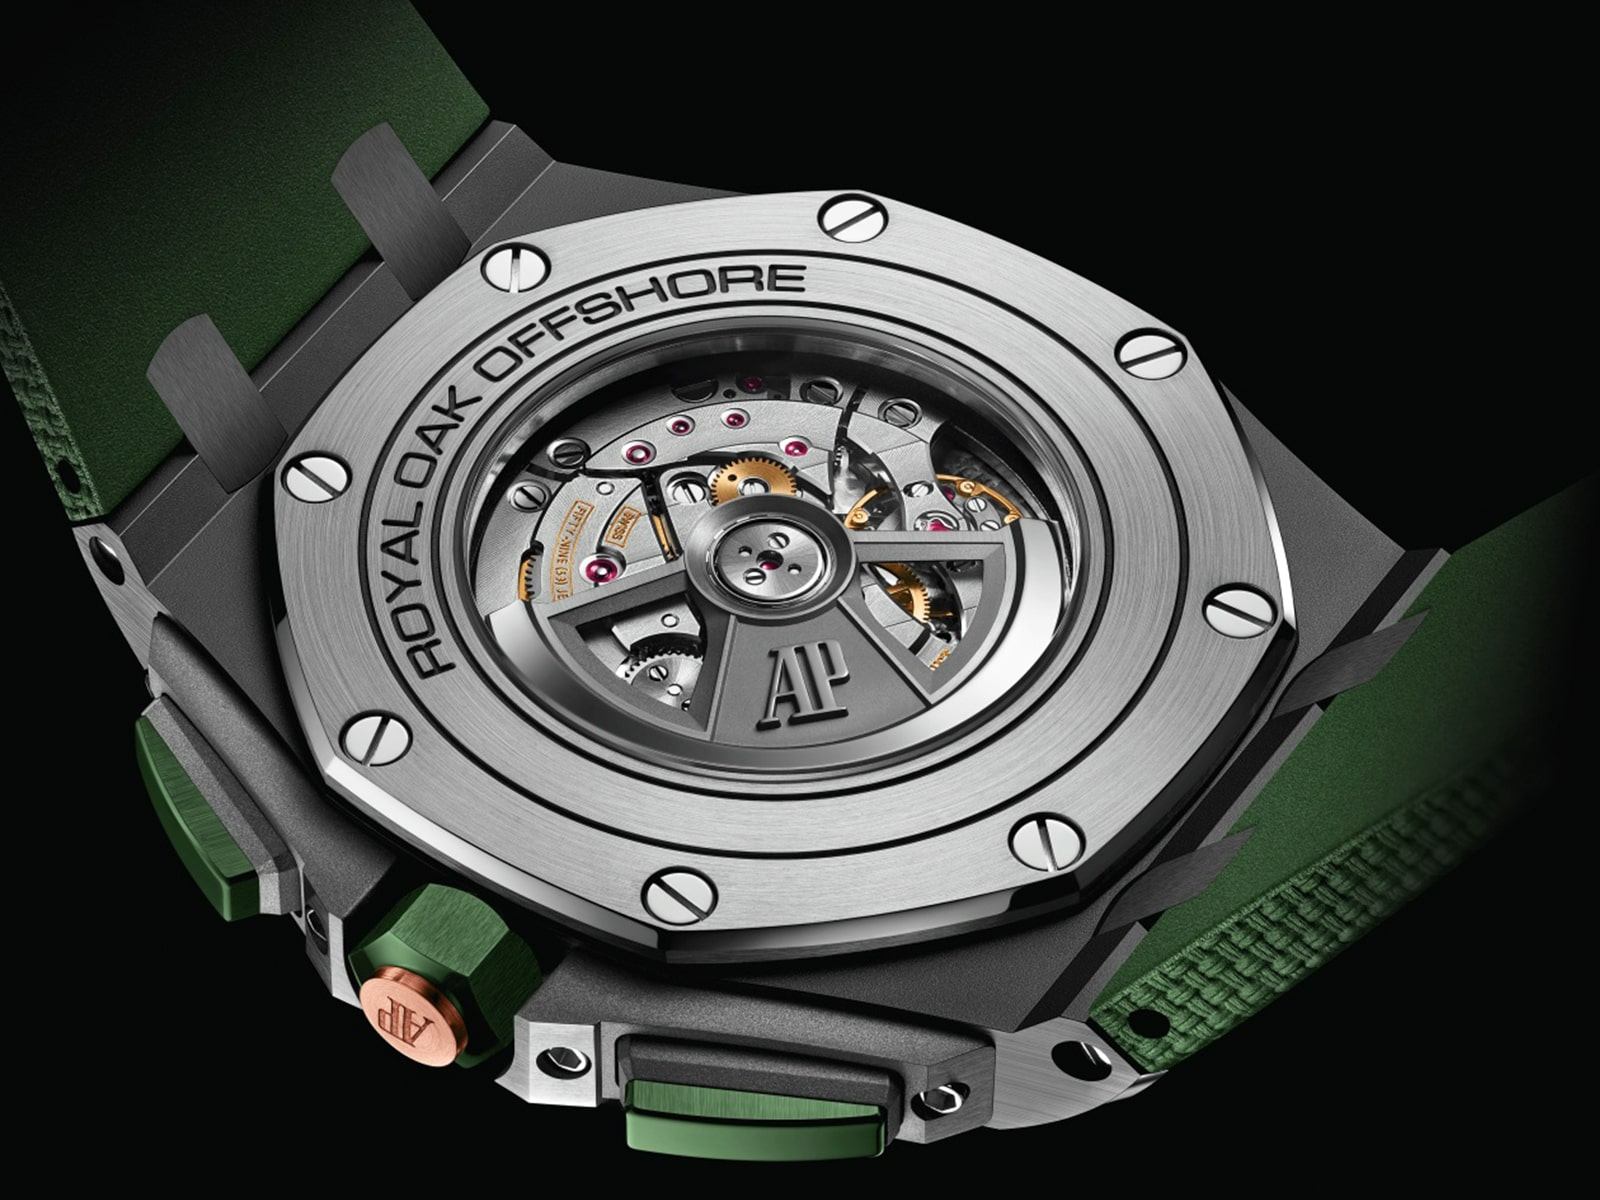 26405ce-oo-a056ca-01-audemars-piguet-royal-oak-offshore-selfwinding-chronograph-2.jpg